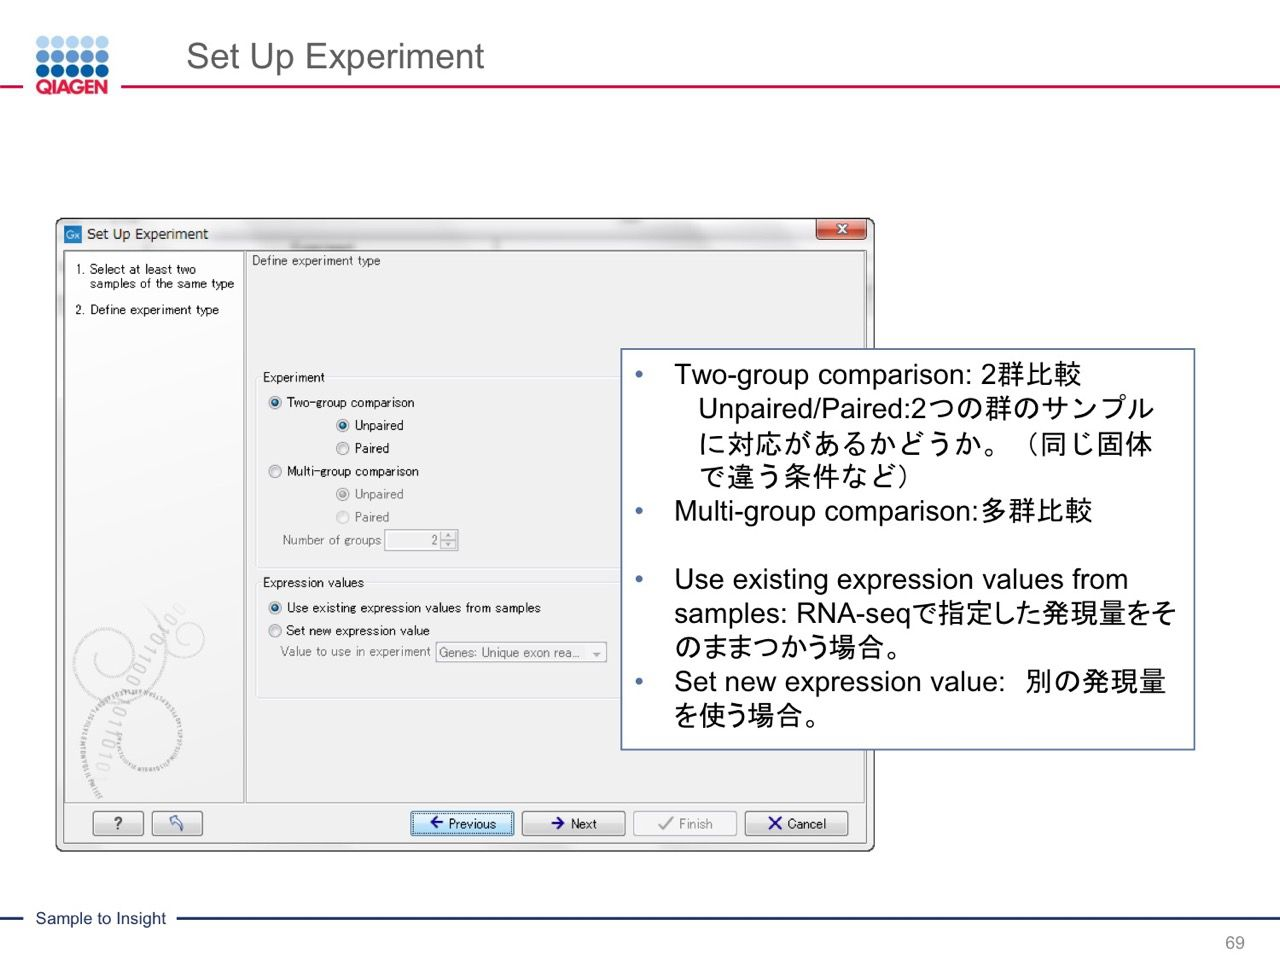 images/AJACSa2_miyamoto_069.jpg